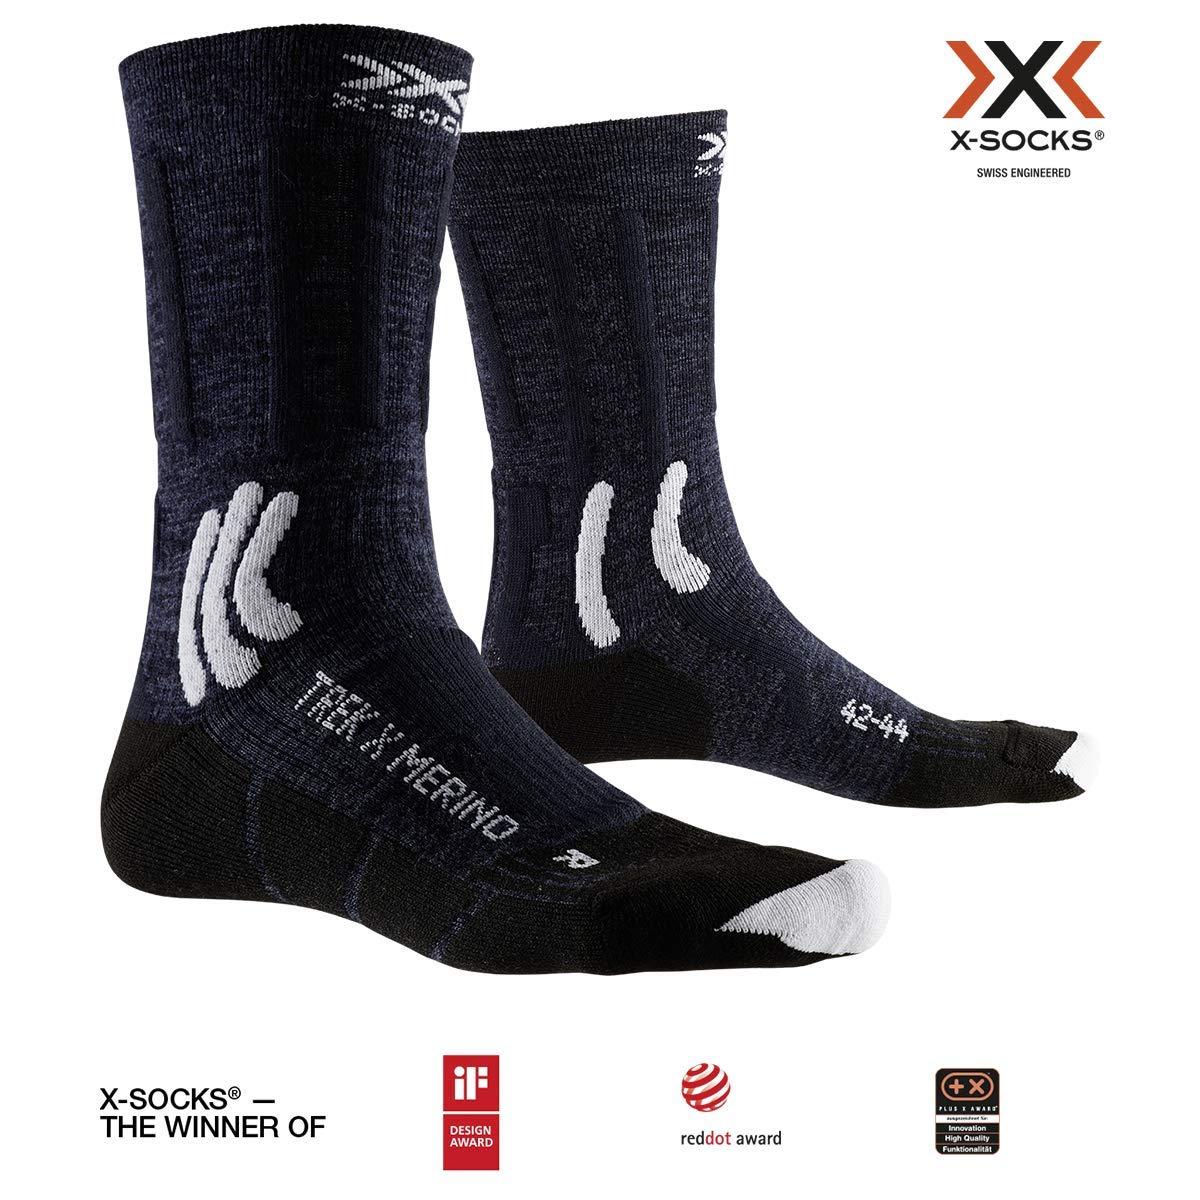 X-Socks Socks Trek X Merino, Midnight Blue/Arctic White, 42-44, XS-TS04S19U-A041